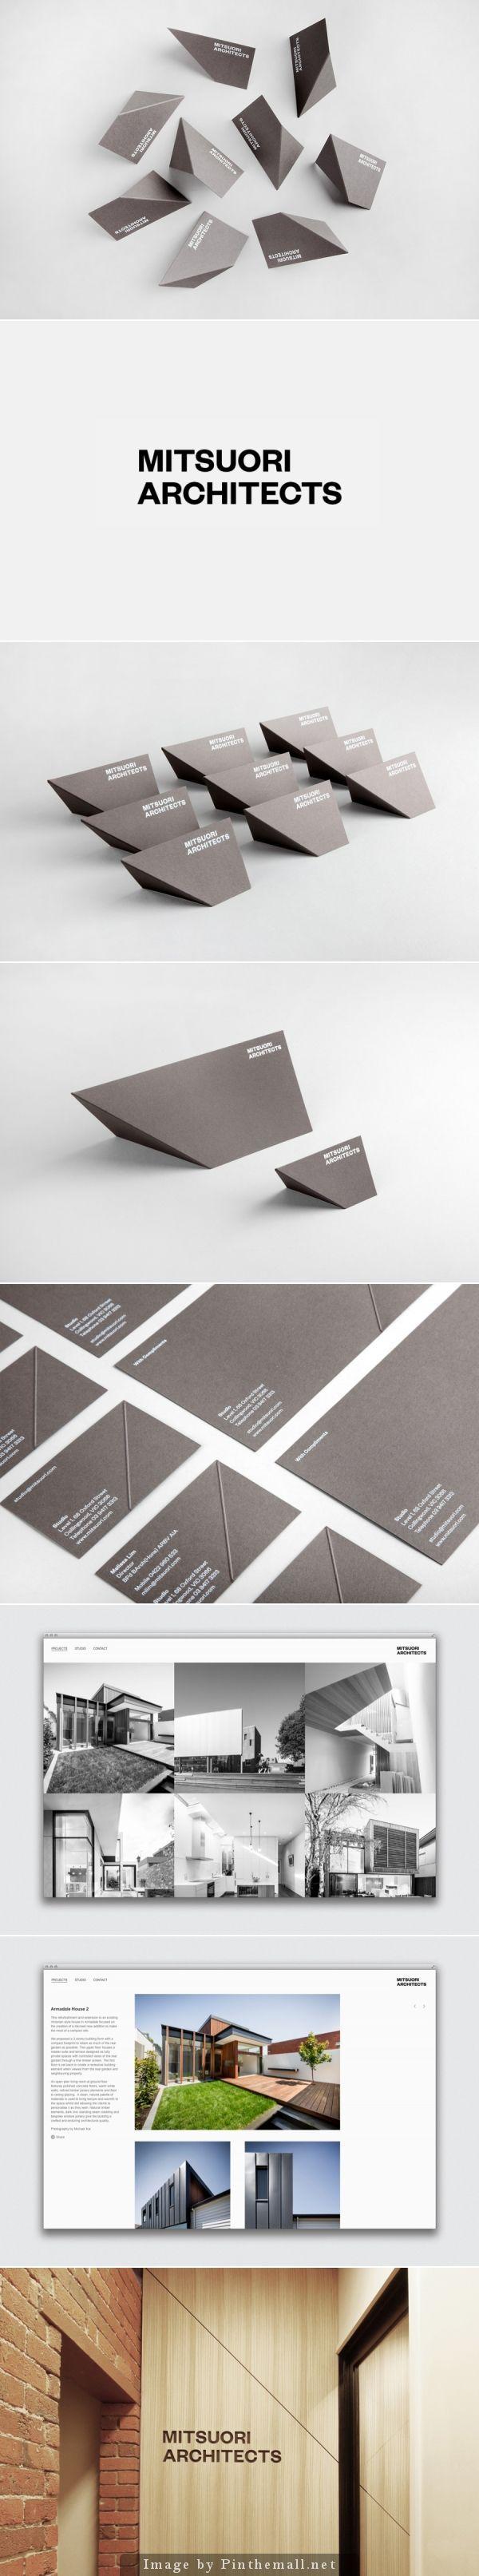 Wenn die Visitenkarte zum Namensschild wird... Praktisch. ^^ | | #design #grafikdesign | | Mehr Inspiration auf www.dermichael.net